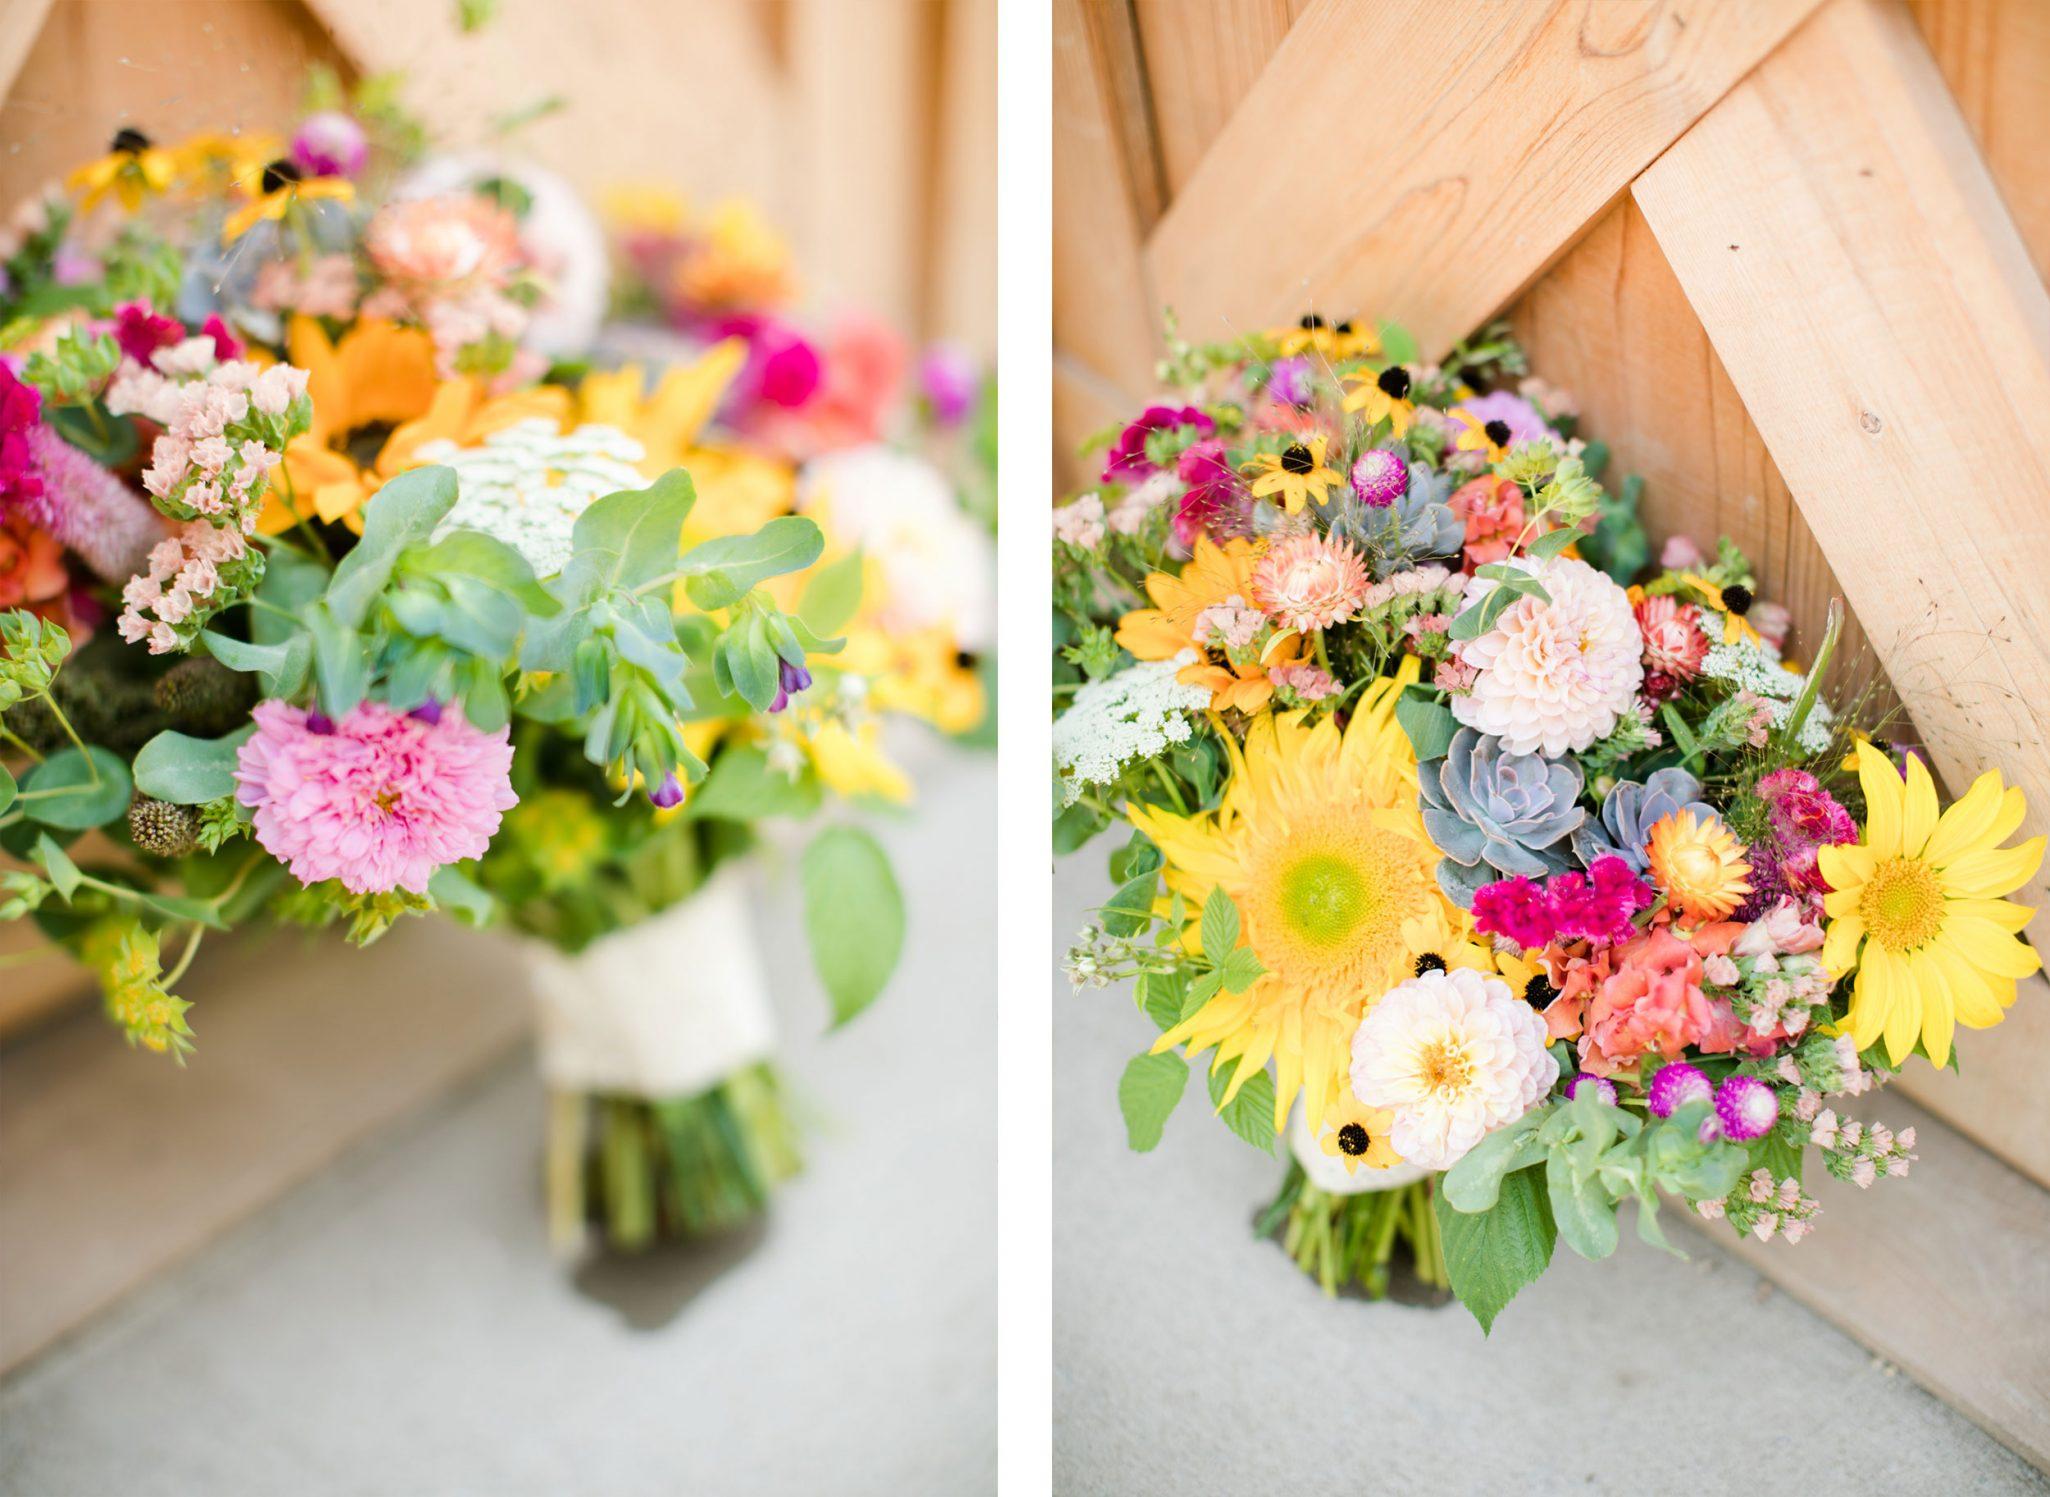 Flower Bouquet | A Boho Garden Wedding in Colorado